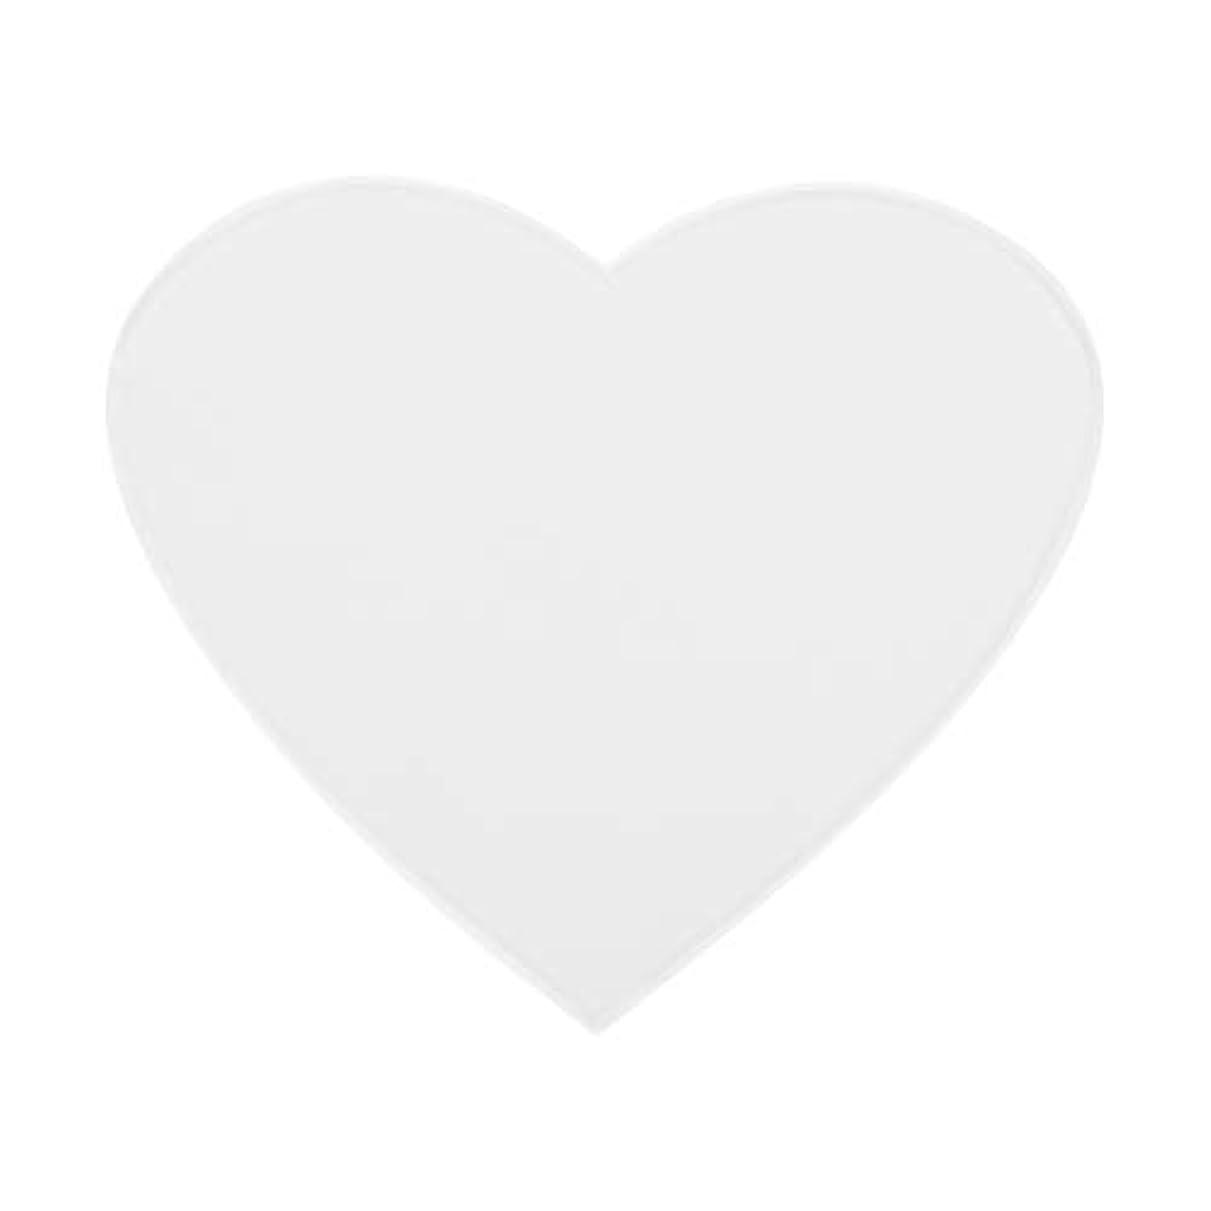 密フラフープ政令アンチリンクルシリコンチェストパッドケア再利用可能パッド(心臓)